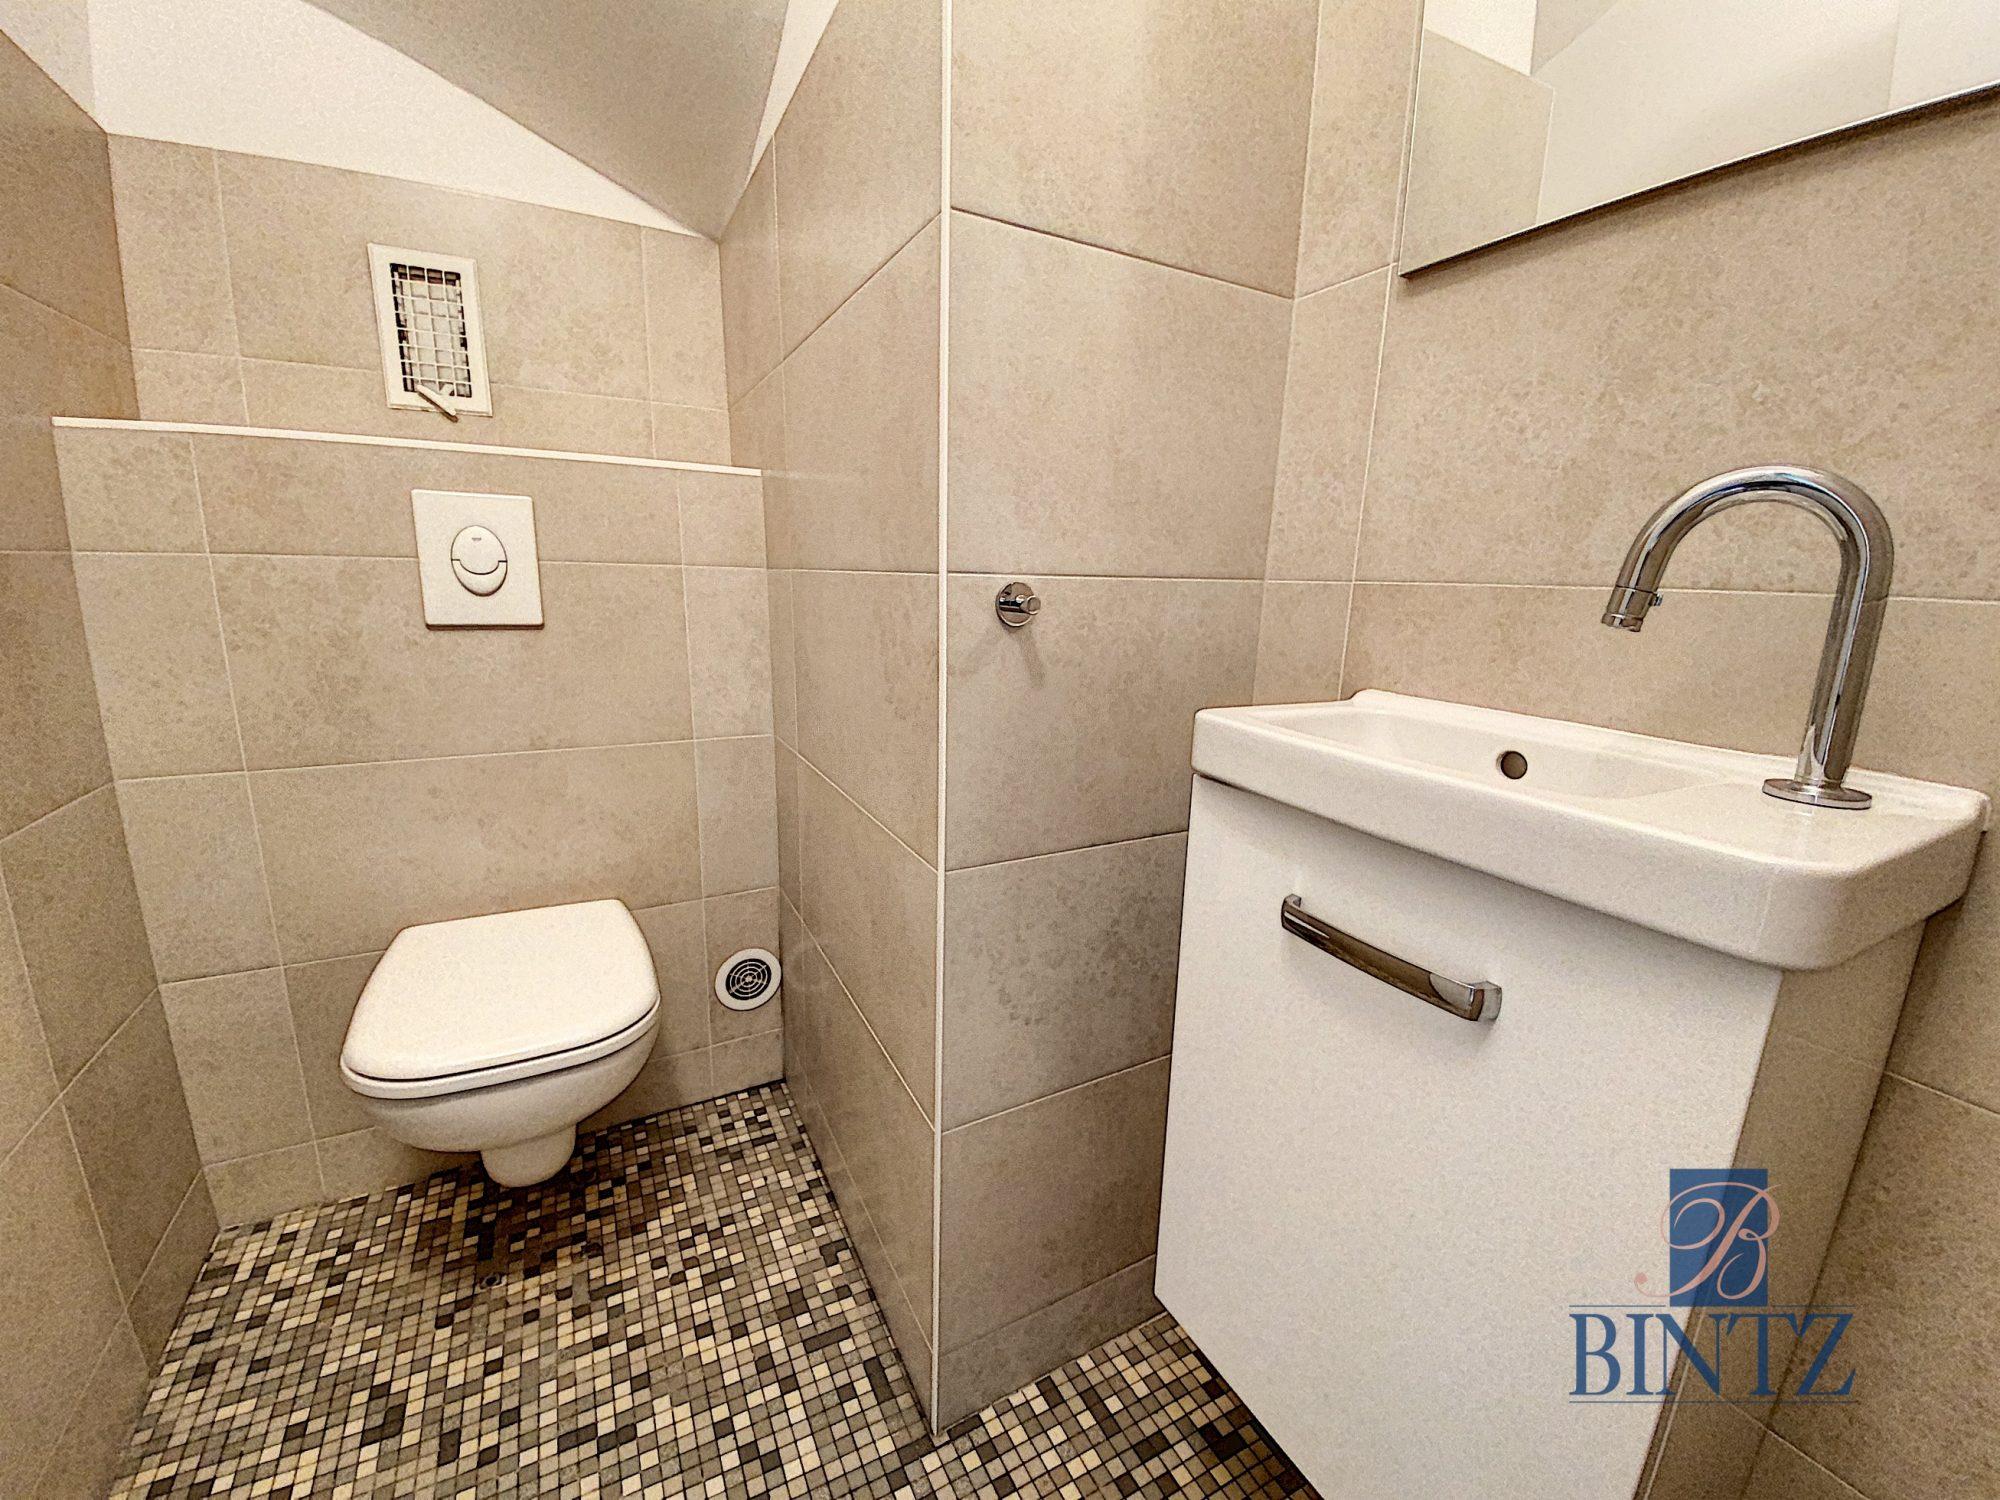 5-6 PIÈCES QUARTIER CONTADES - Devenez locataire en toute sérénité - Bintz Immobilier - 10